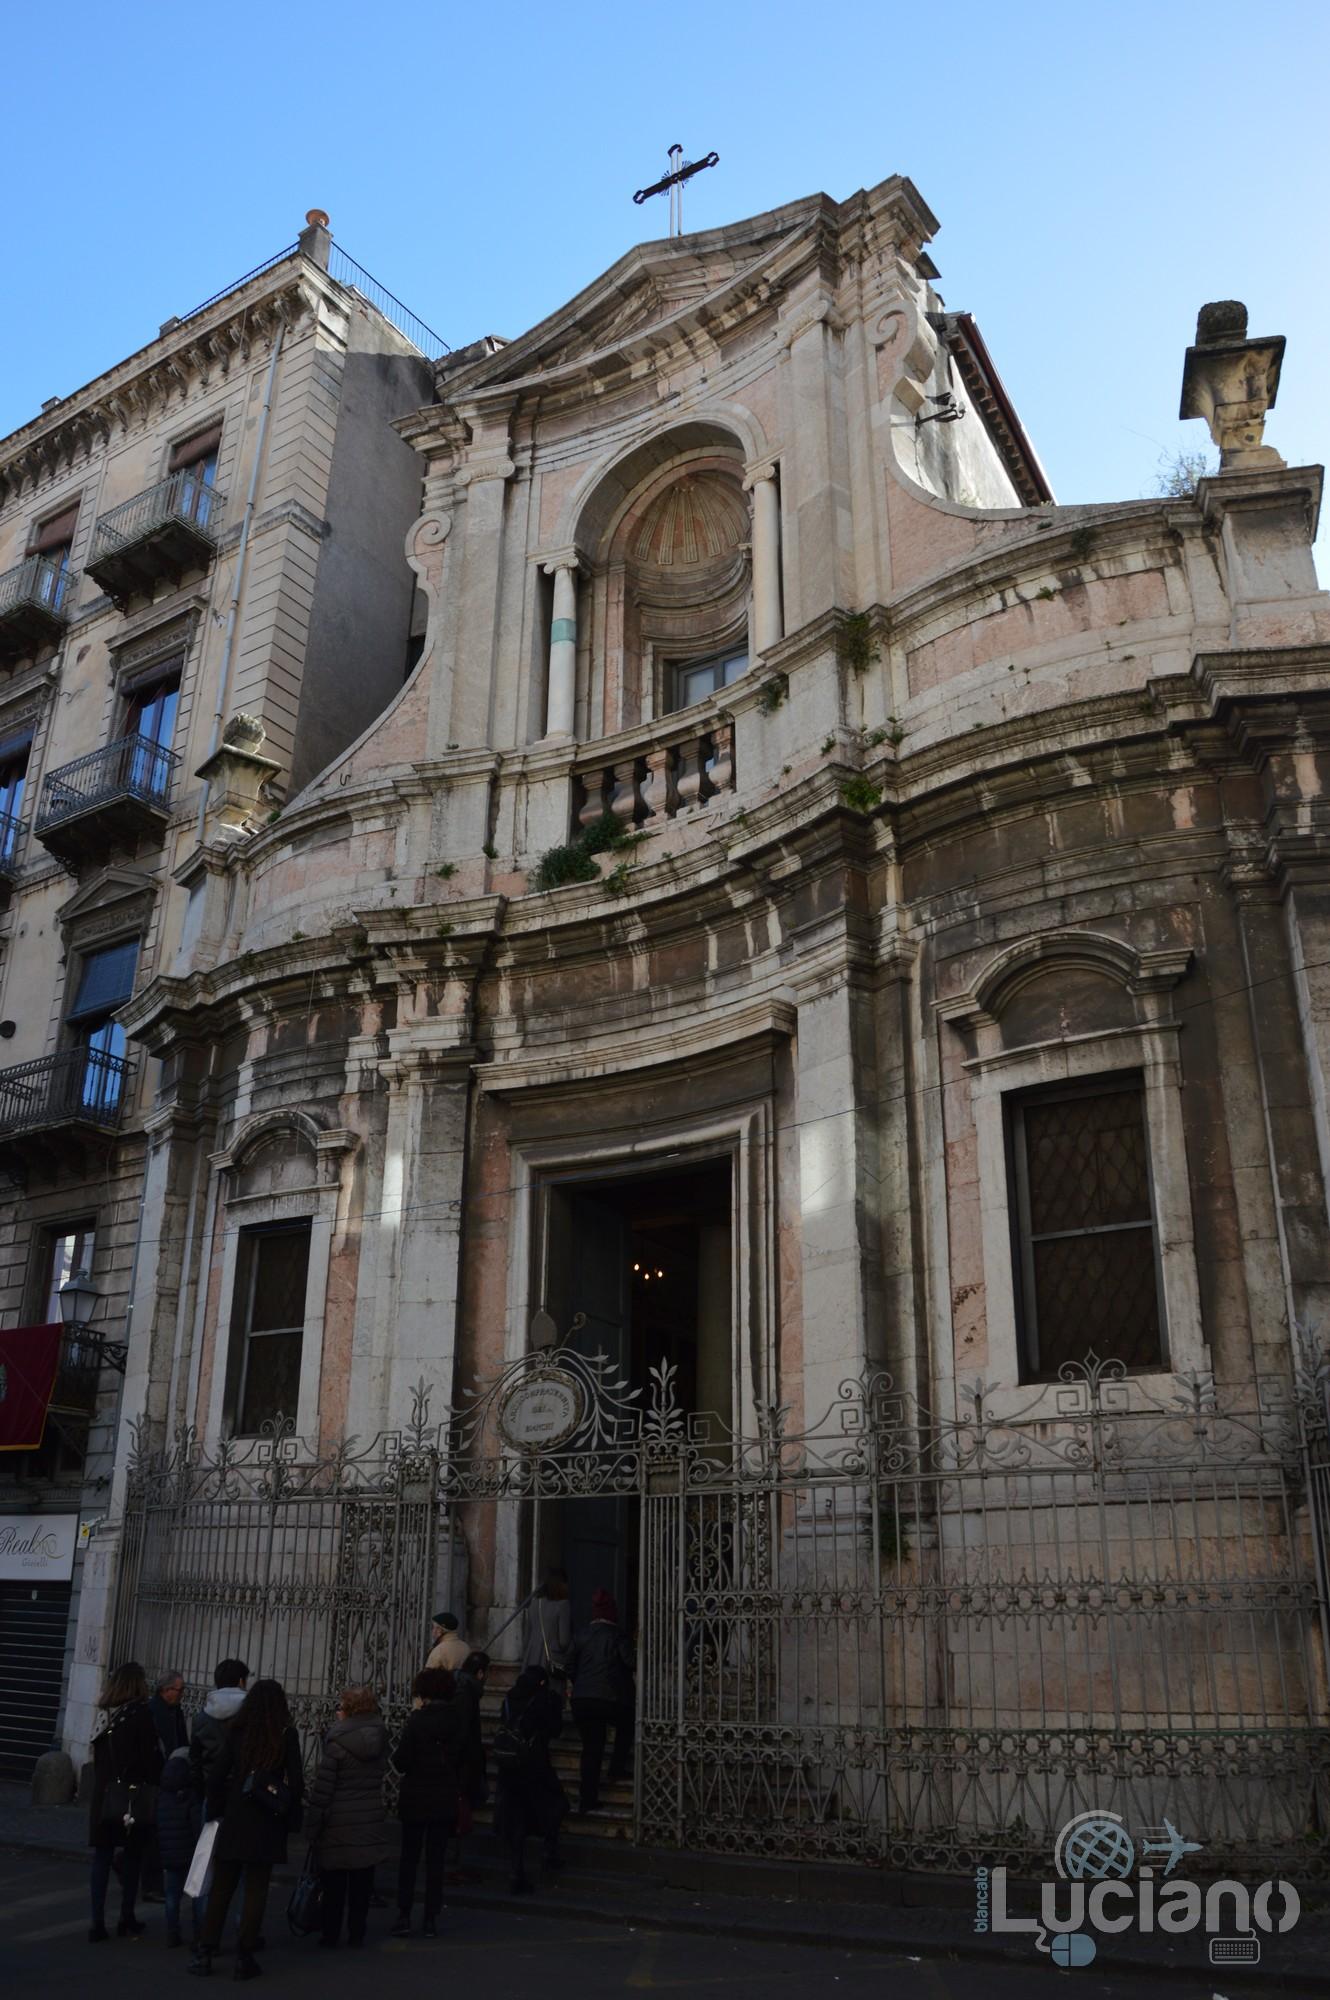 Facciata della Chiesa di San Martino ai Bianchi, durante i festeggiamenti per Sant'Agata 2019 - Catania (CT)